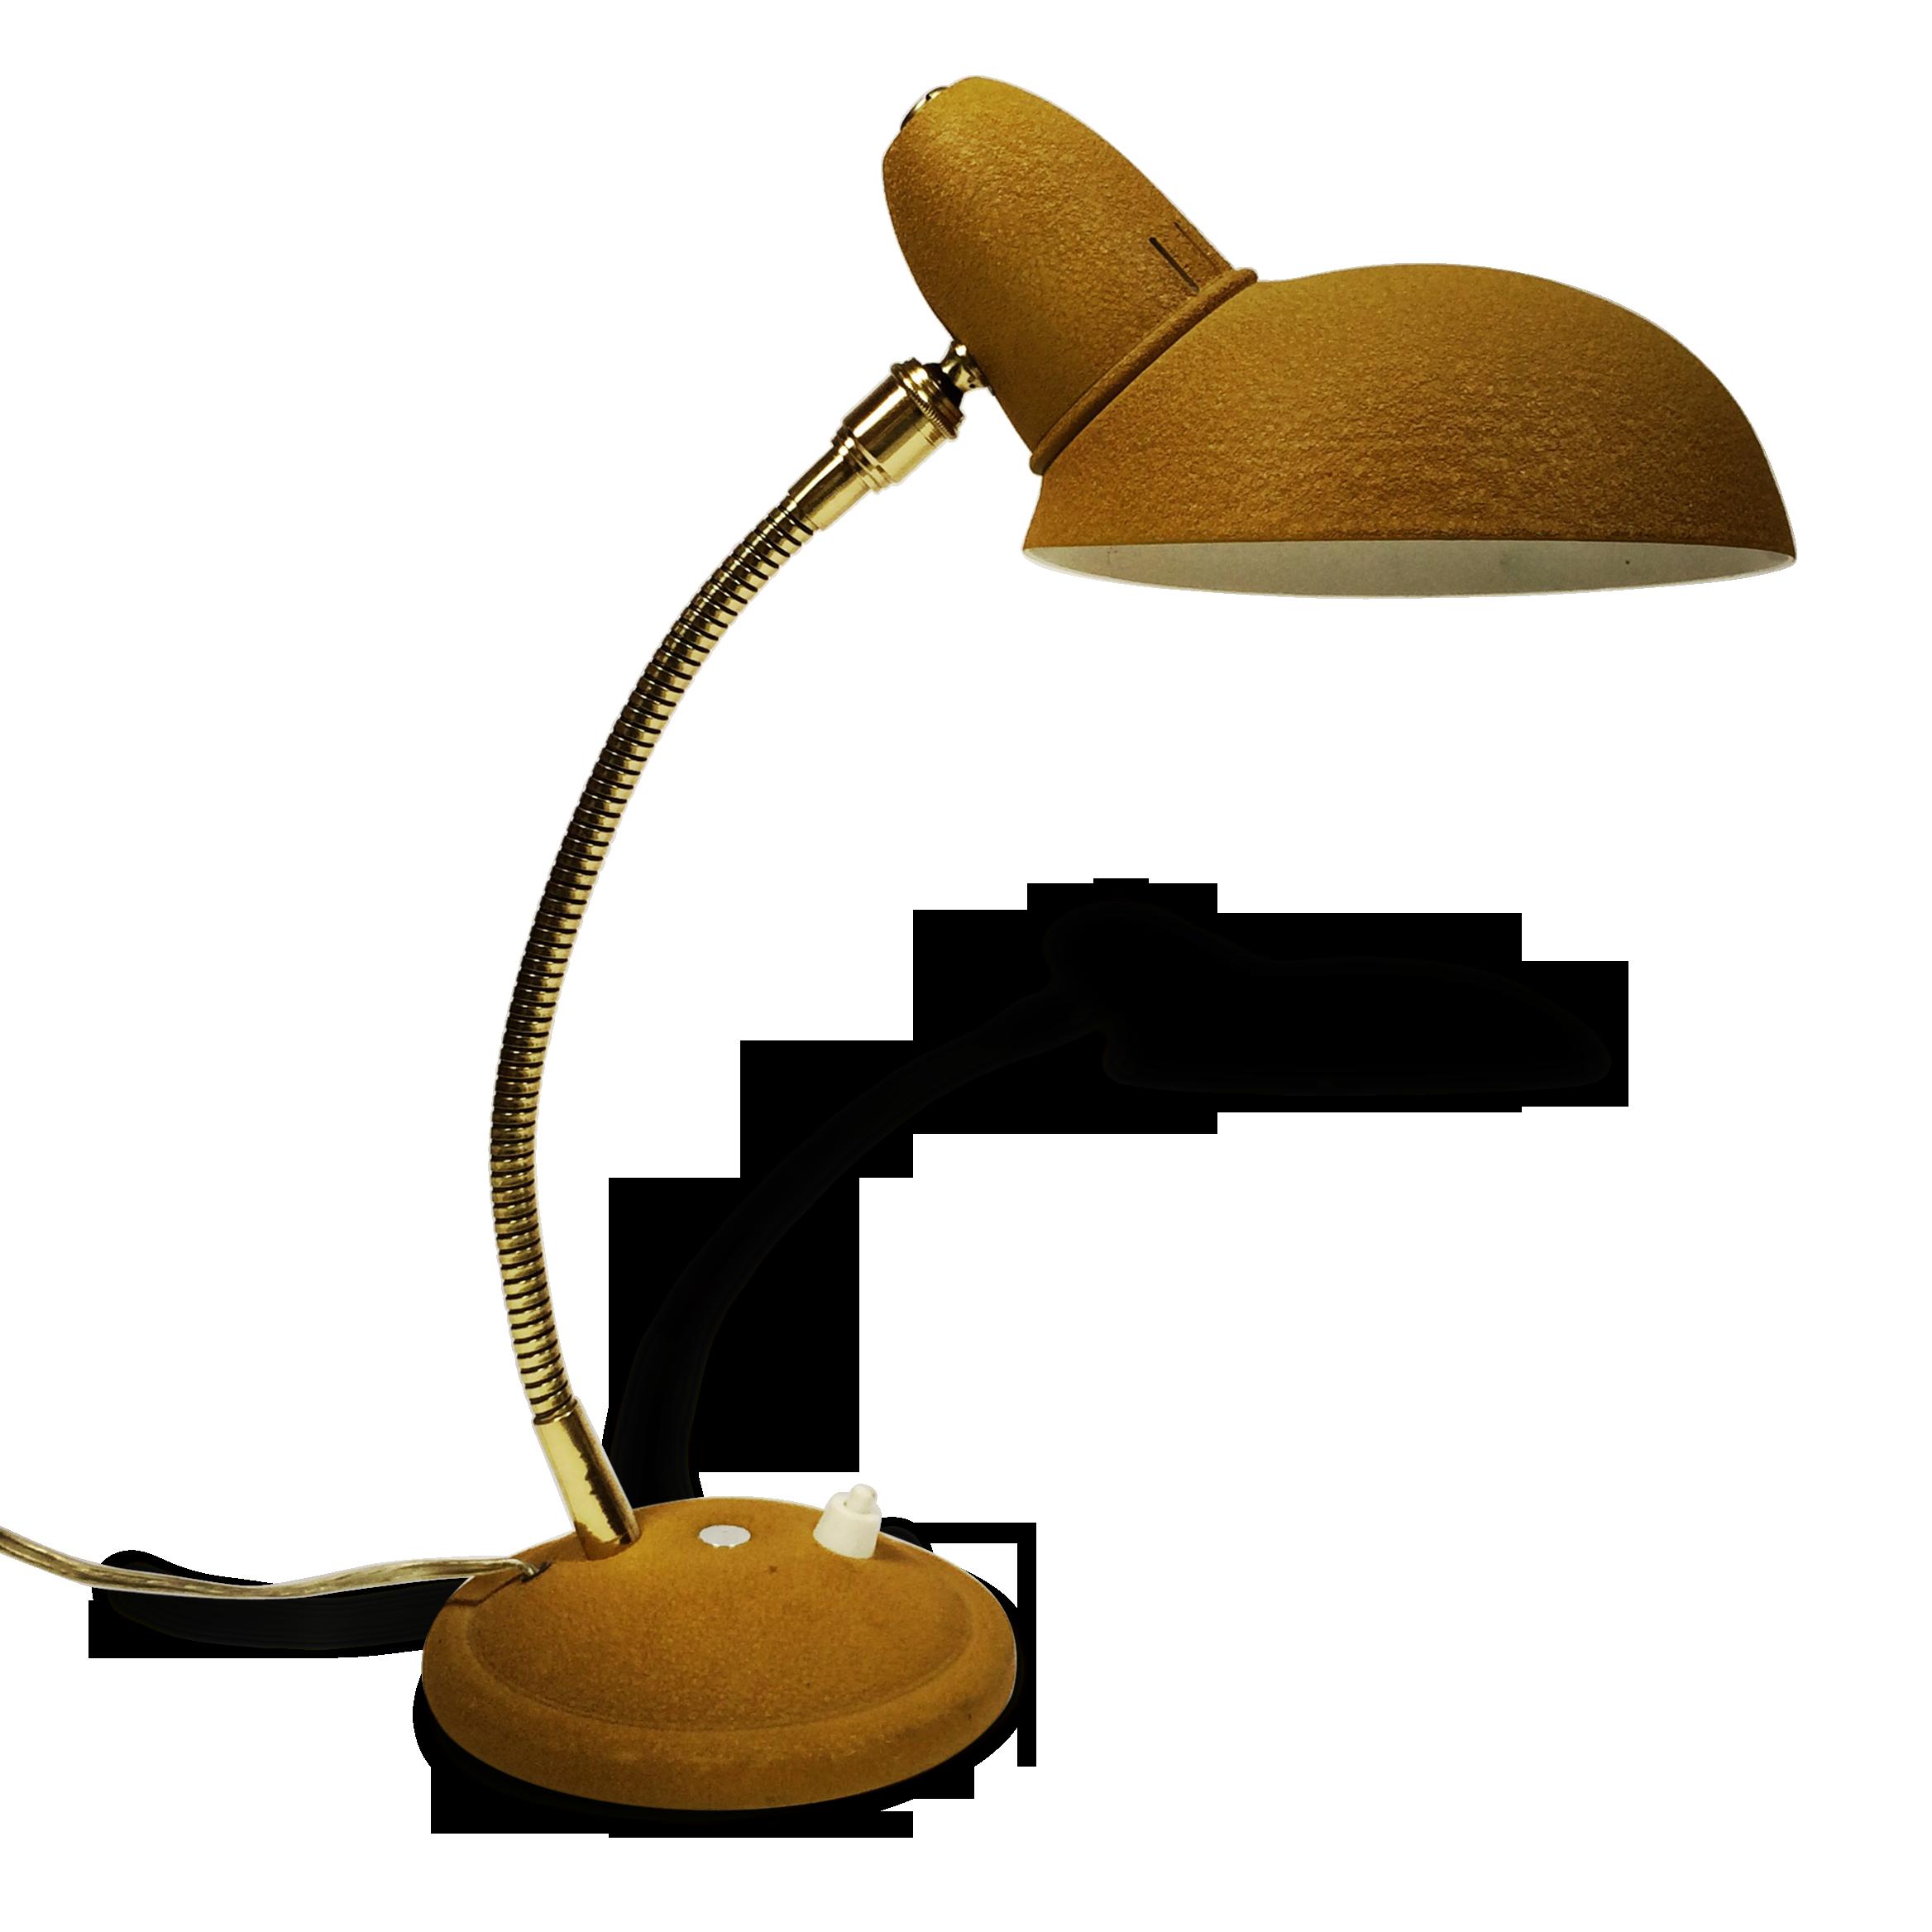 Lampe de bureau jaune moutarde métal jaune vintage